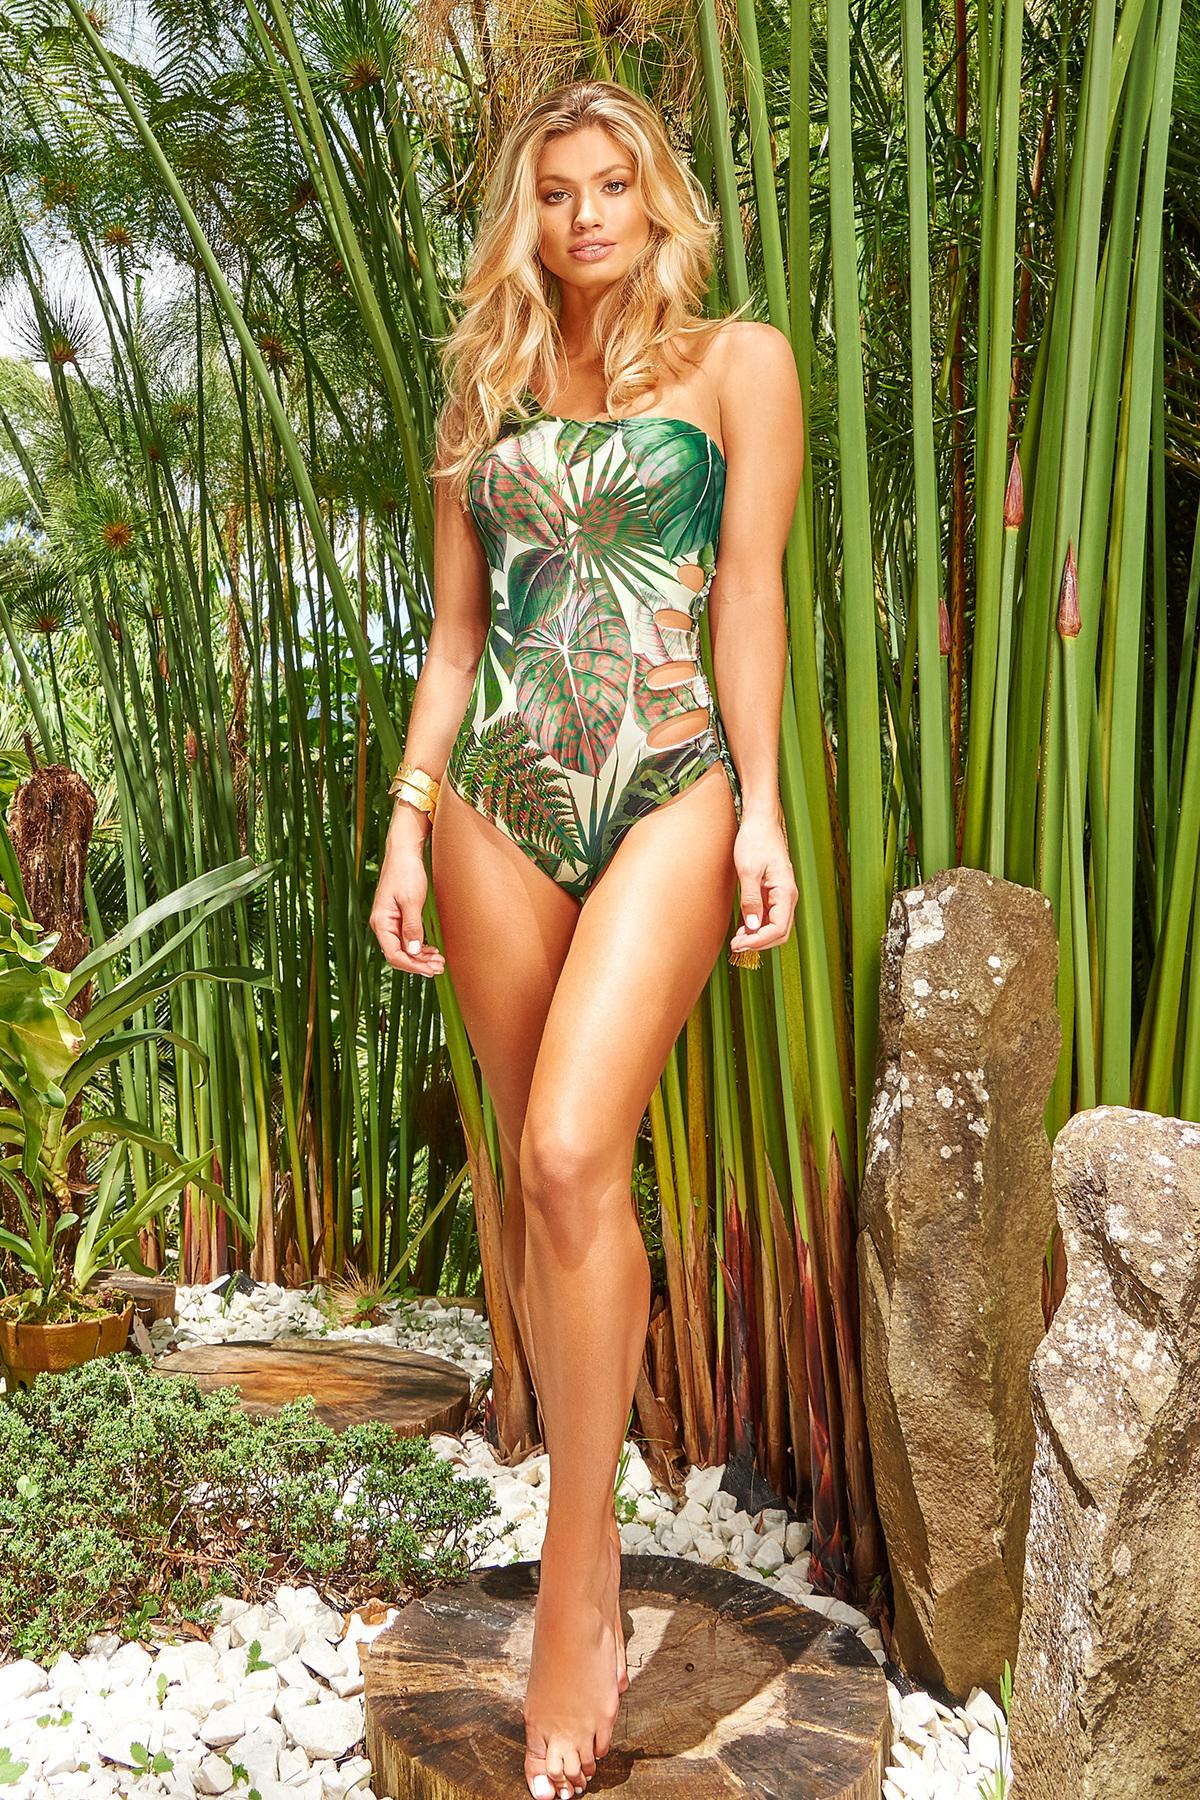 Costum de baie Cosita Linda verde de lux intreg cu decolteu asimetric cu imprimeuri florale